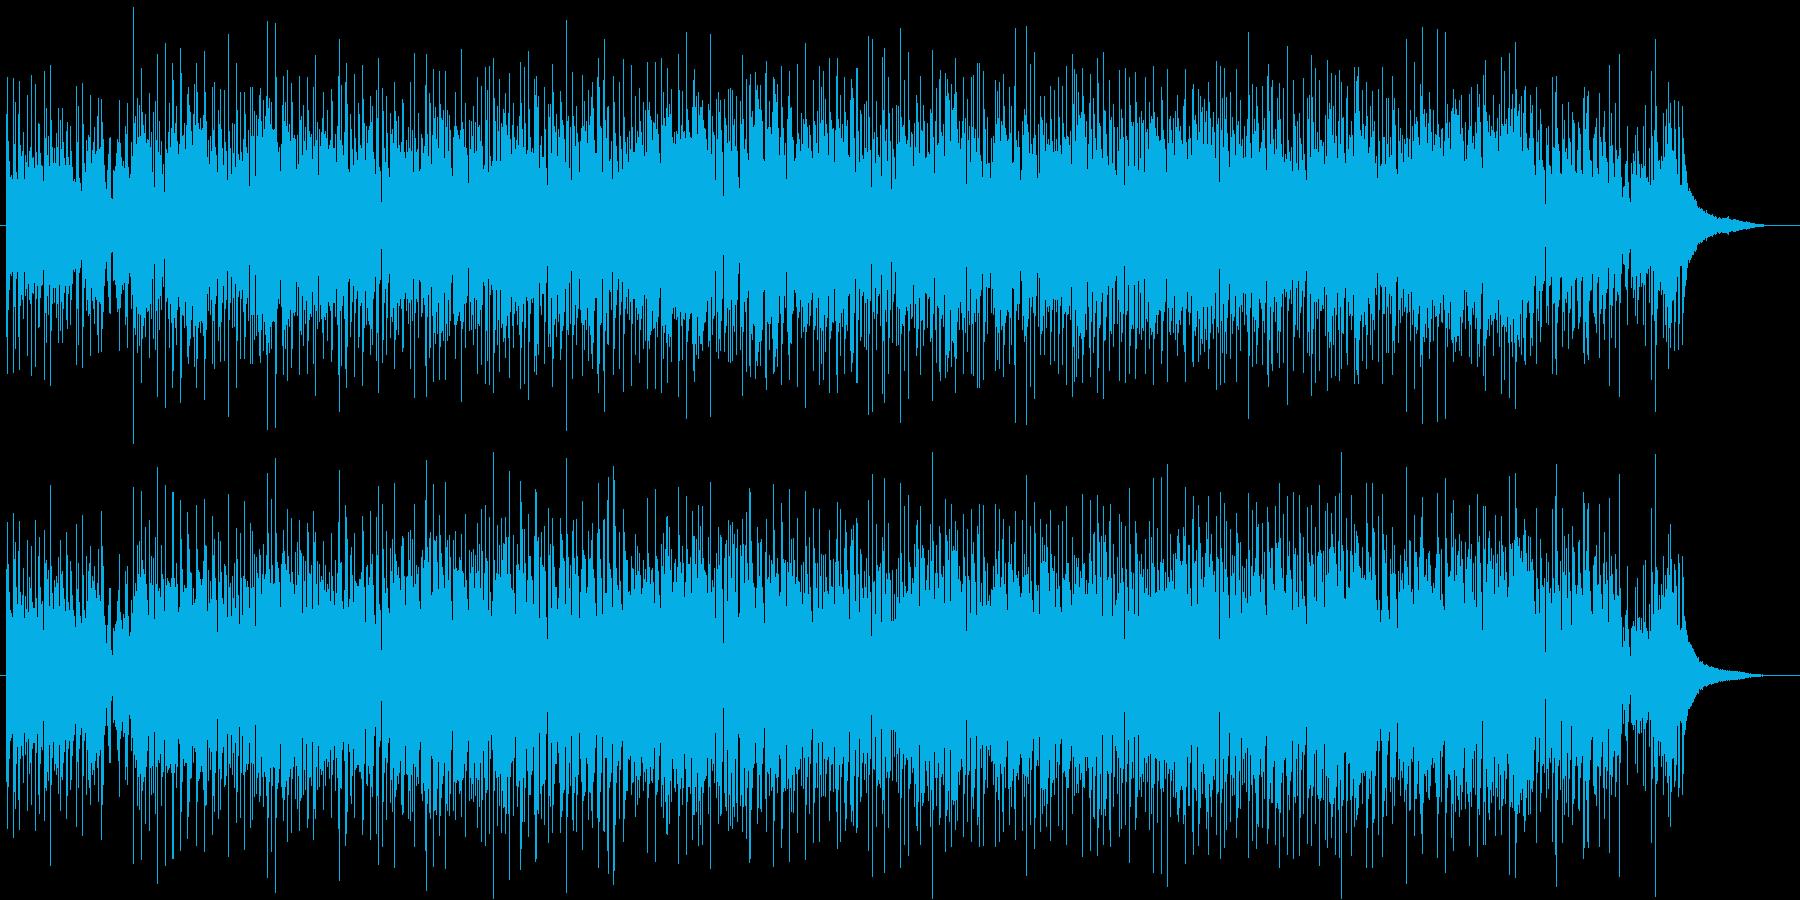 生演奏ギターのジャズボサノバ爽やか疾走感の再生済みの波形